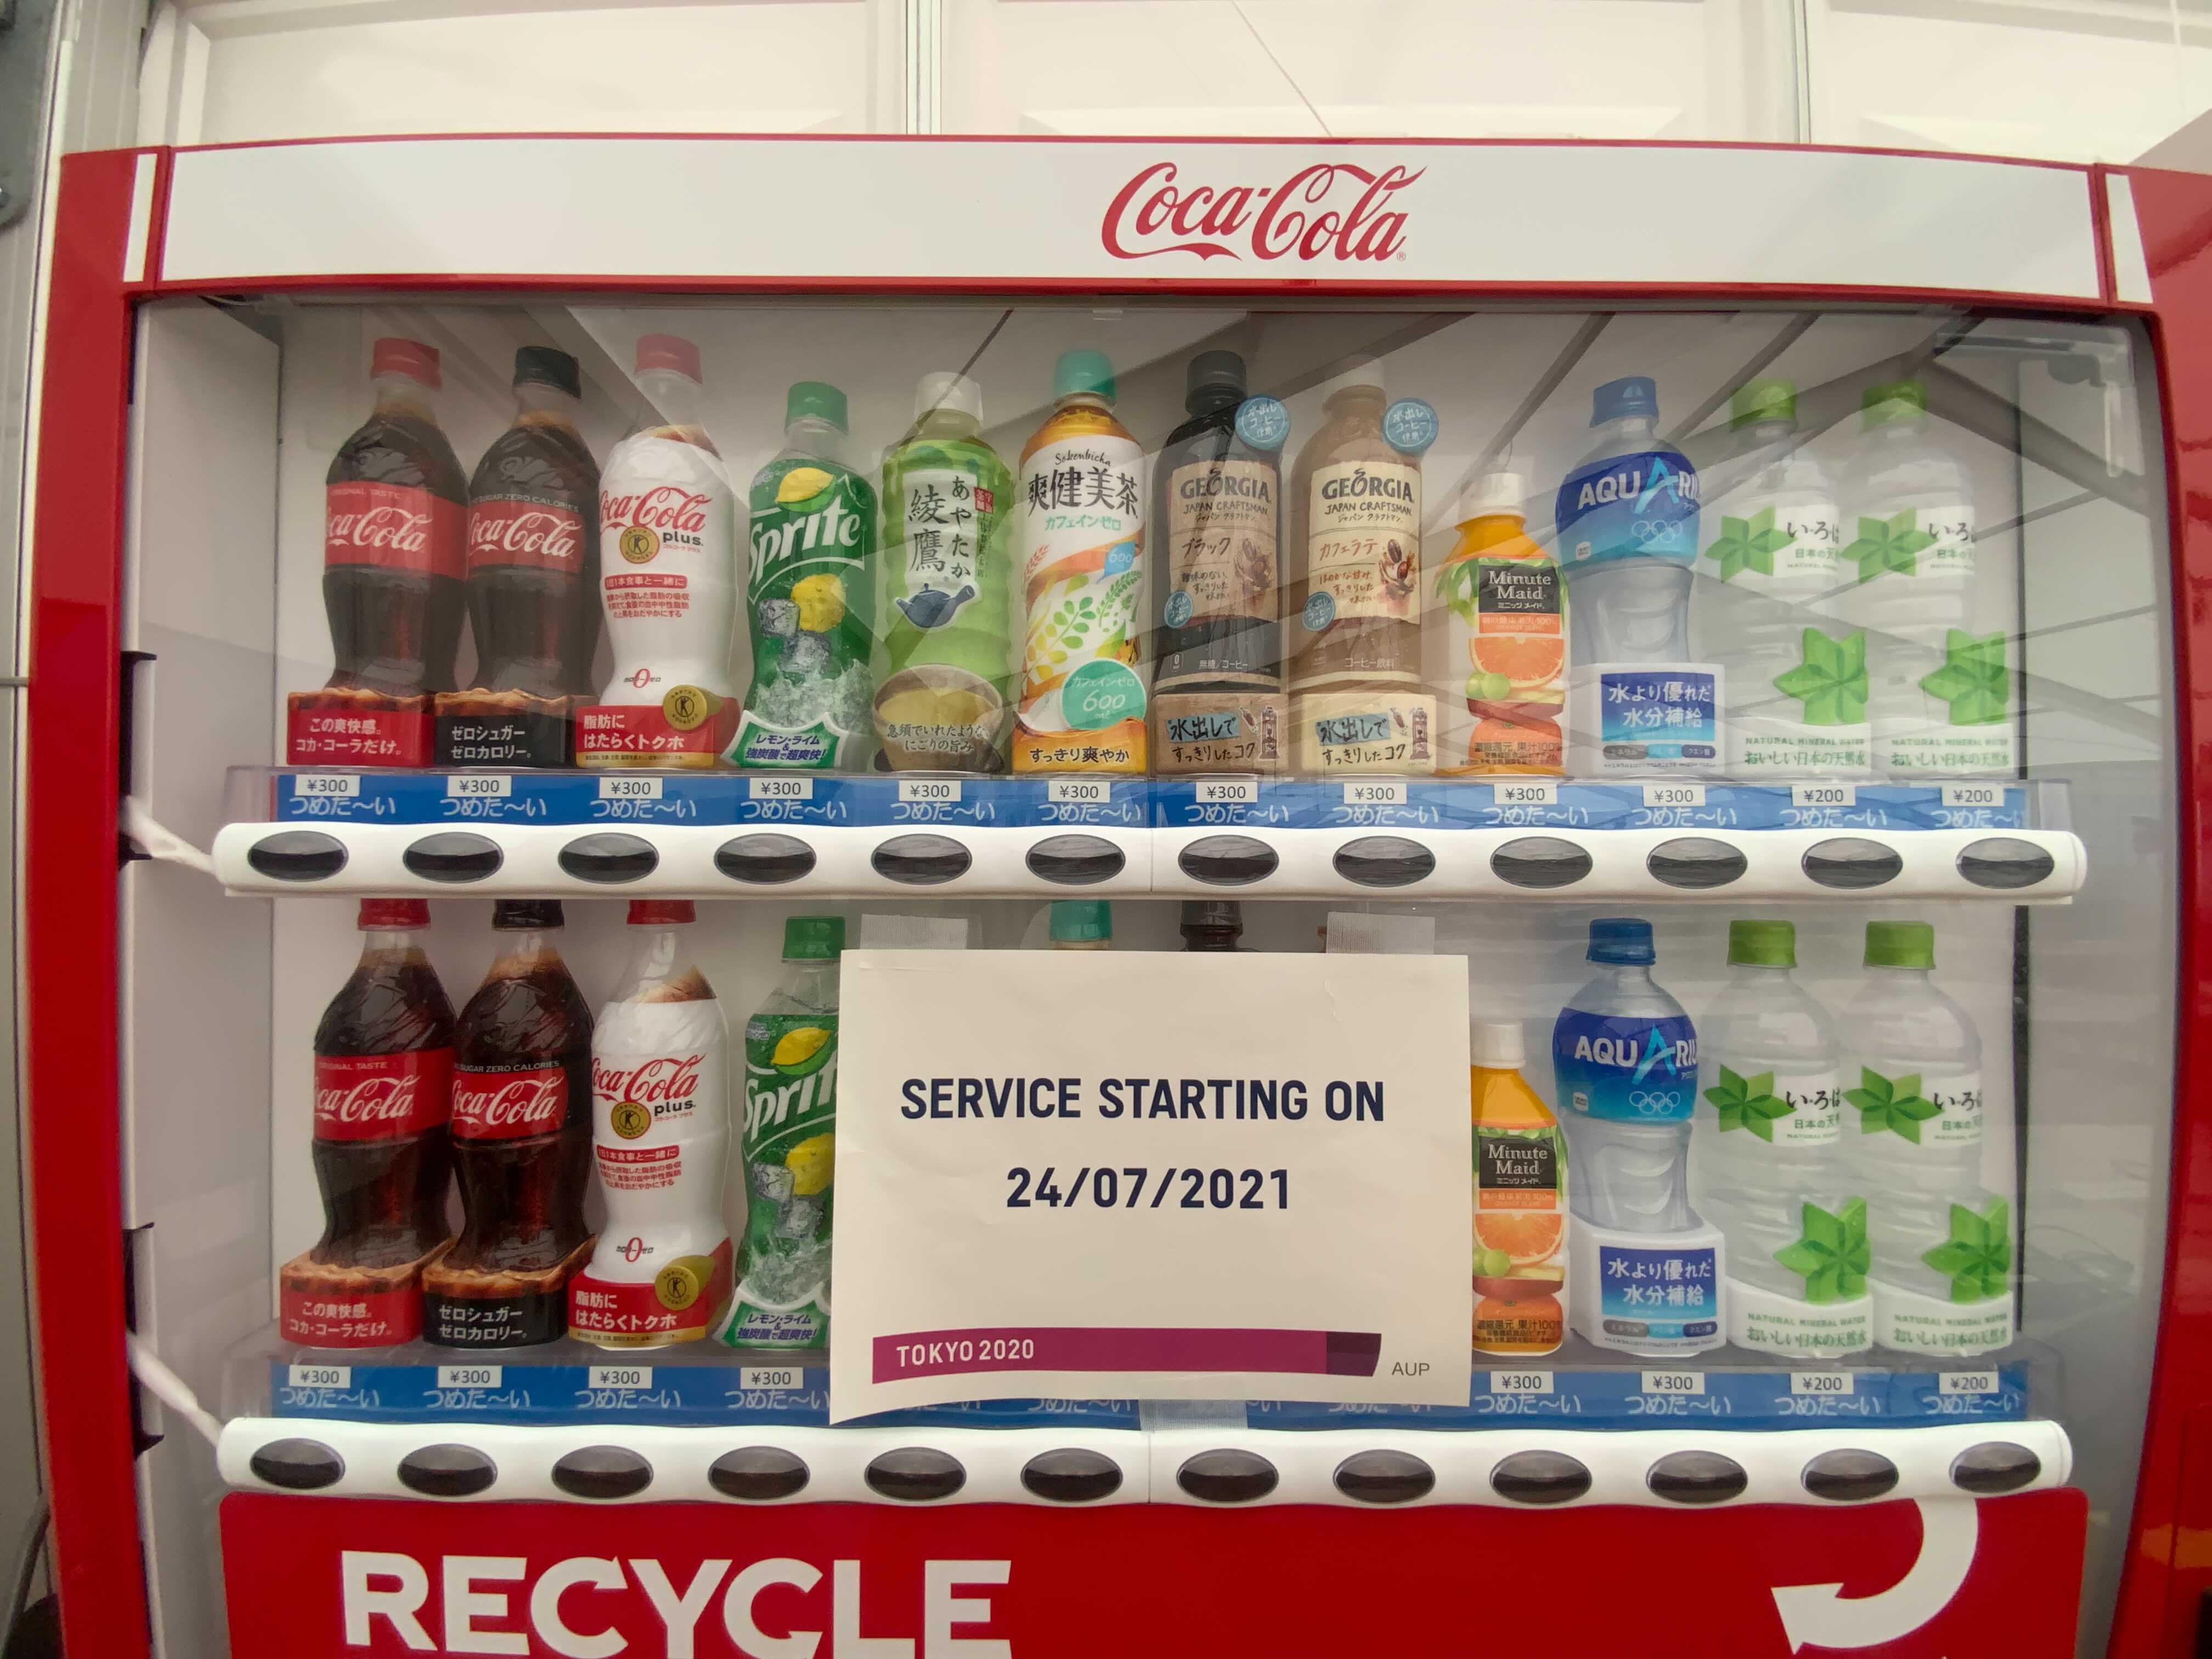 暑すぎて自販機で飲み物を買おうとするが、1本300円!? 驚きを隠せない。